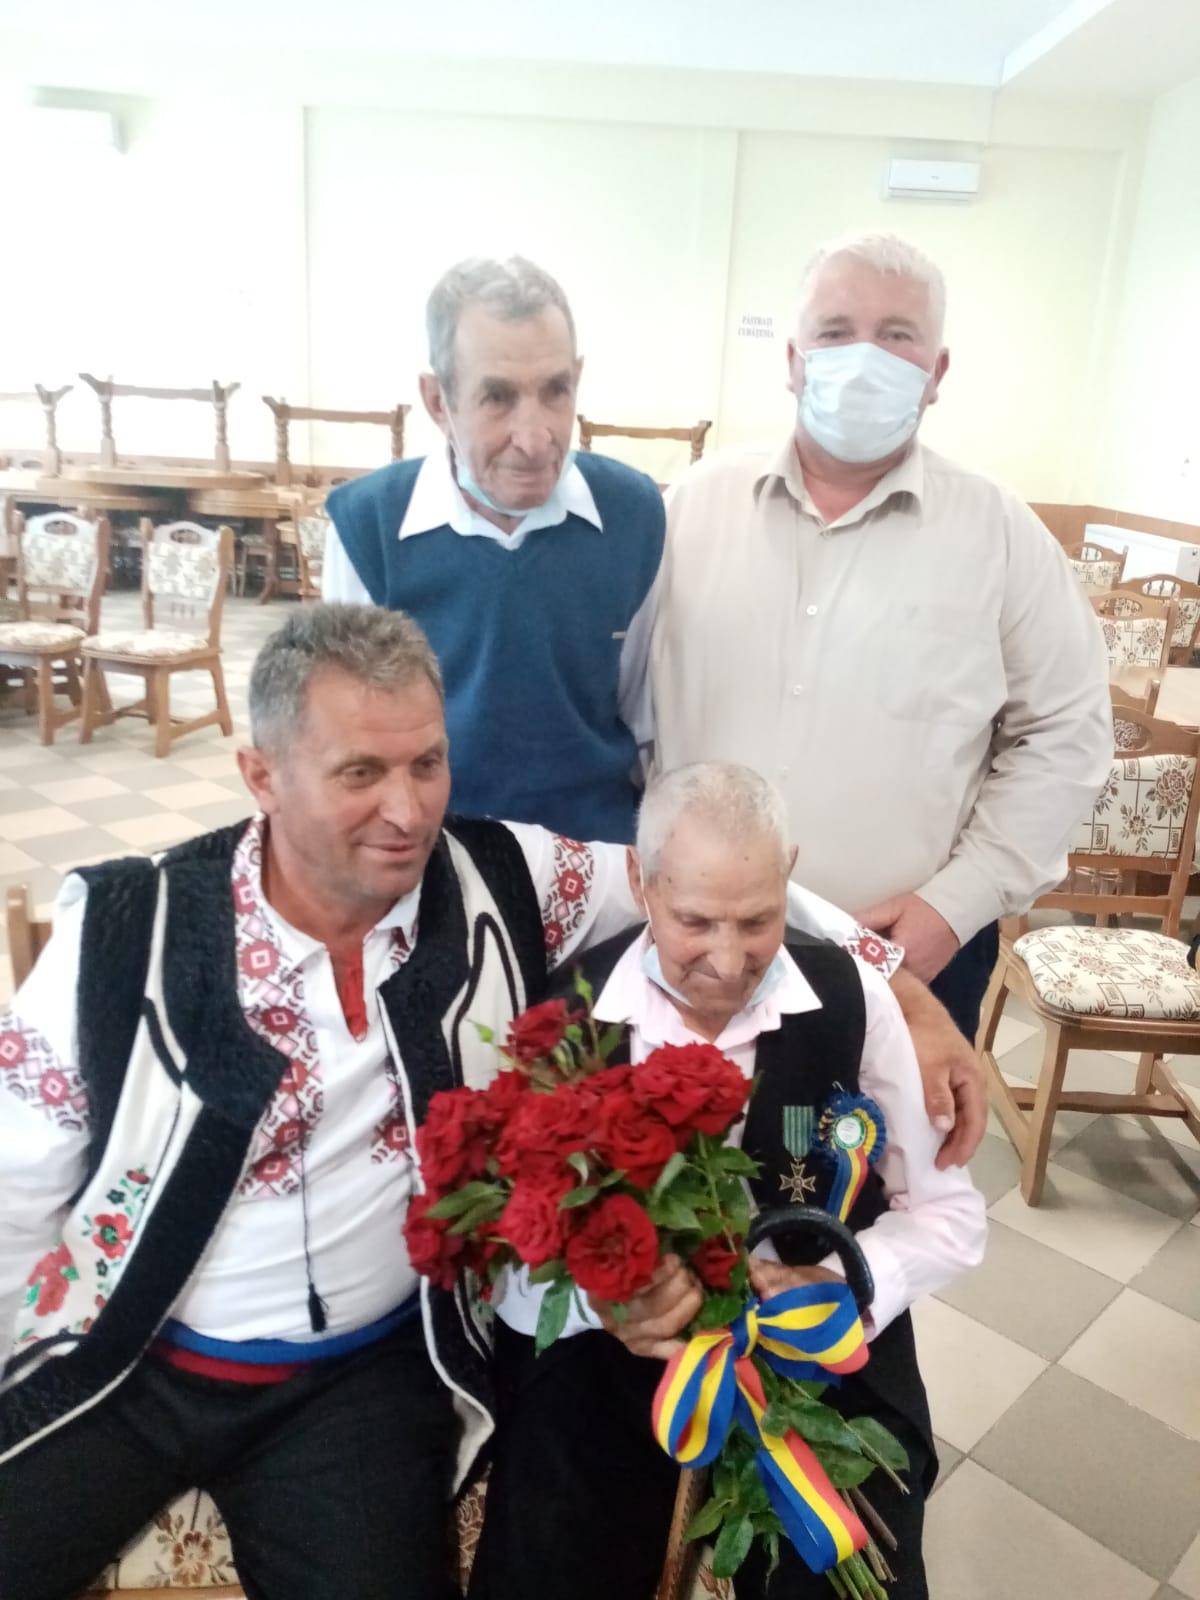 FOTO/ Veteran de război sărbătorit la împlinirea vârstei de 100 de ani